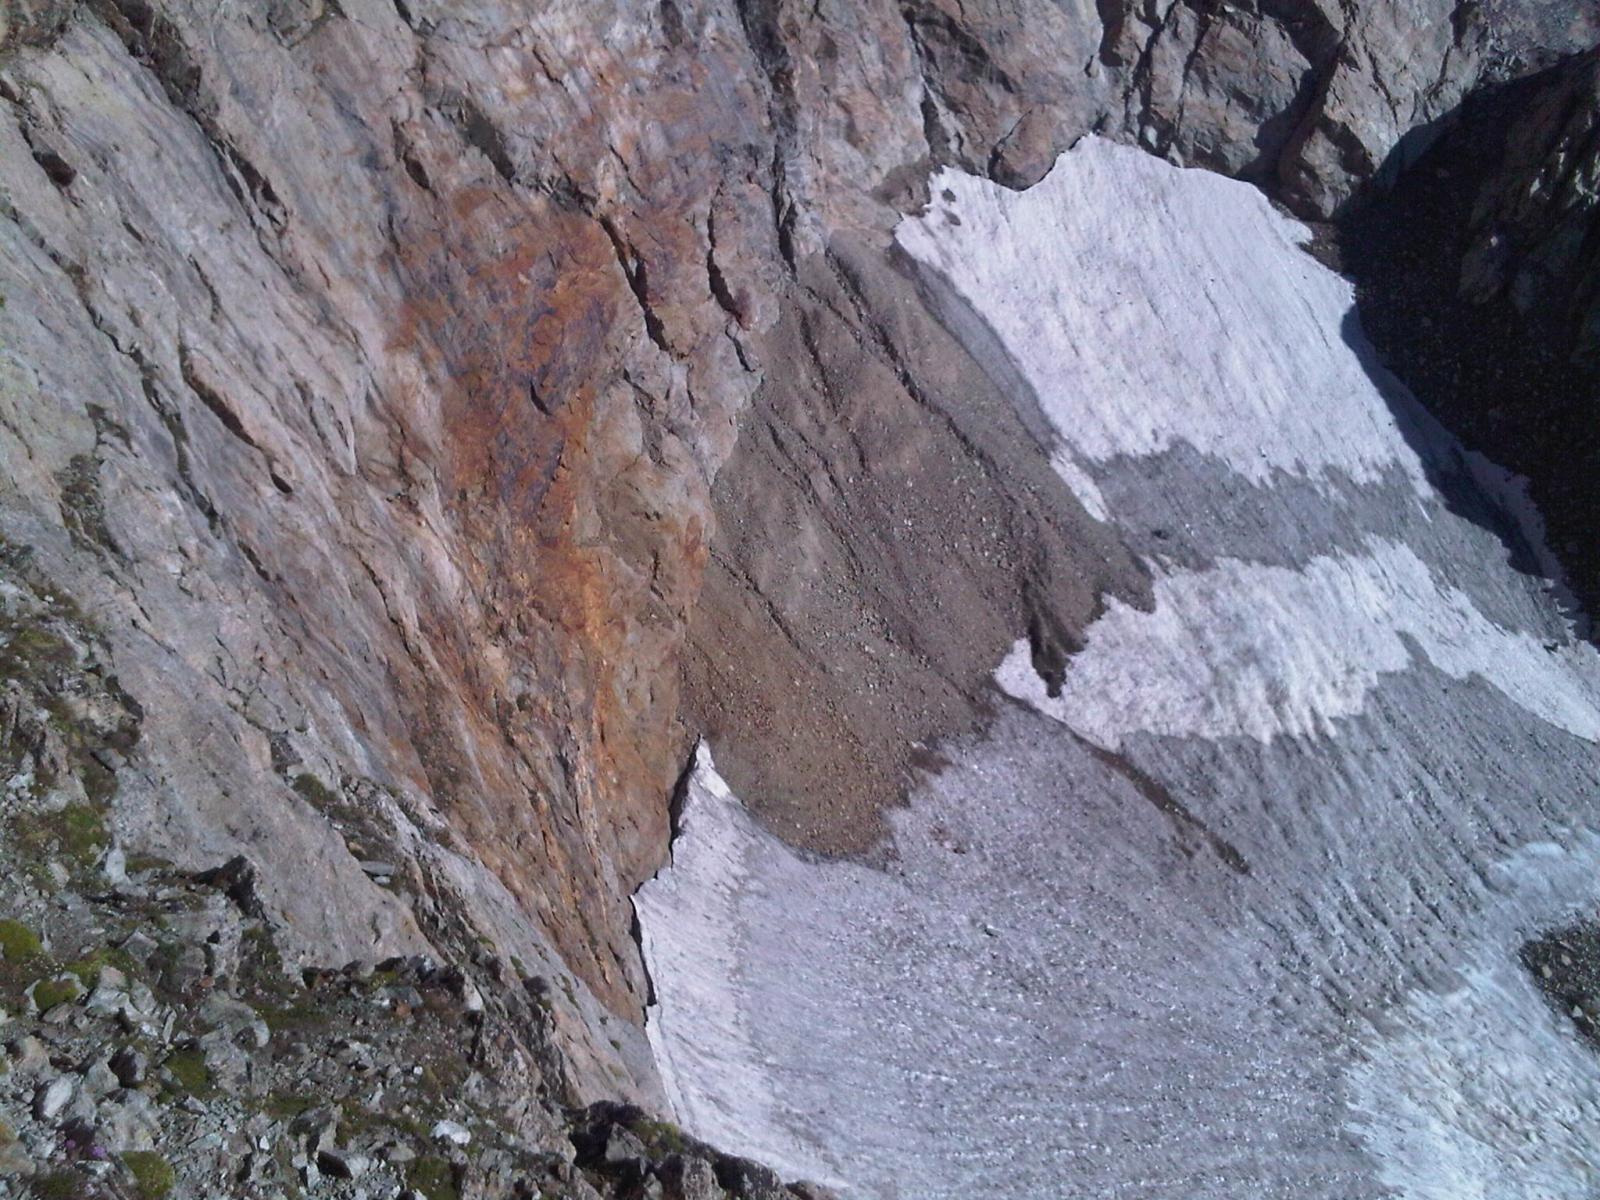 Mte. Argentera 08-11 August 2012 (Photo 29)